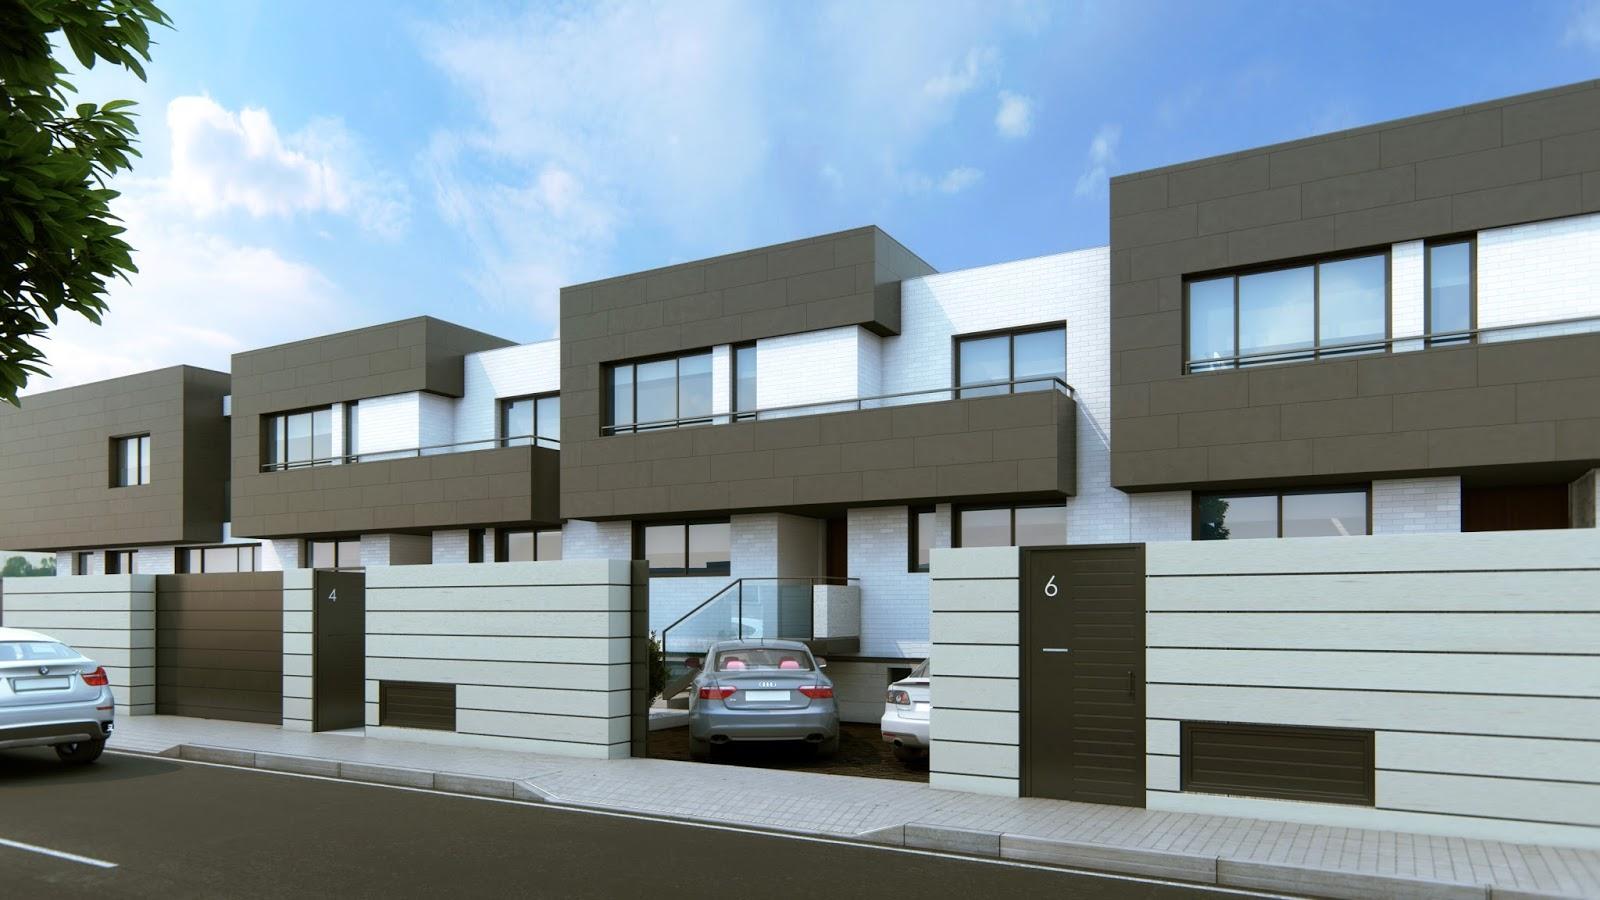 Vv arquitectos promoci n 8 viviendas unifamiliares - Arquitectos ciudad real ...